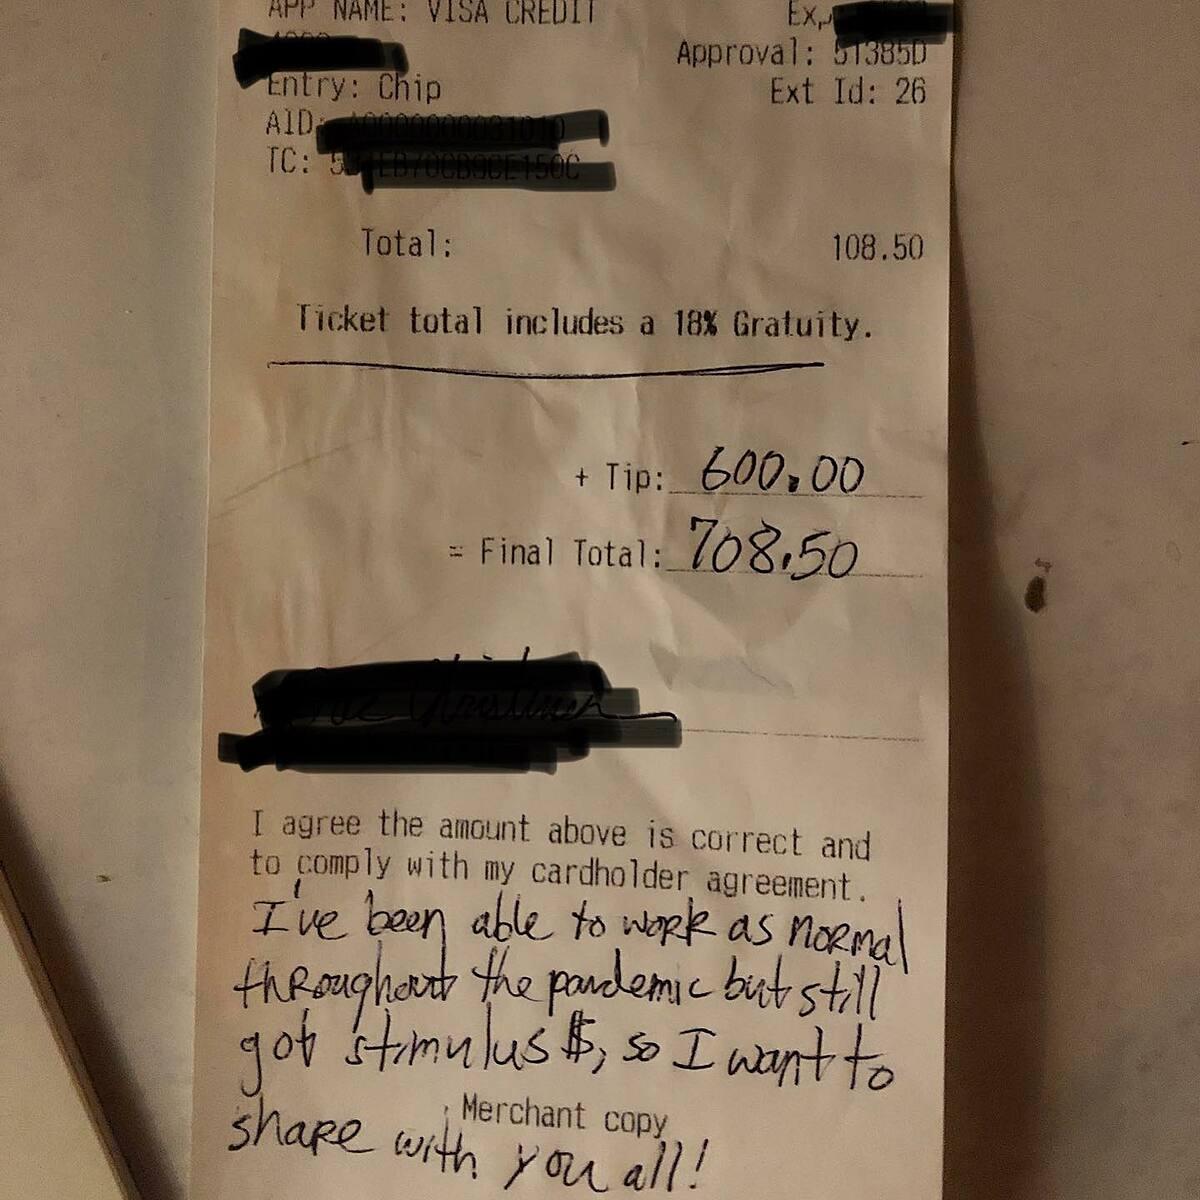 Chủ nhà hàng và nhân viên phục vụ đều gửi lời cám ơn tới vị khách hào phóng. Ảnh: facebook